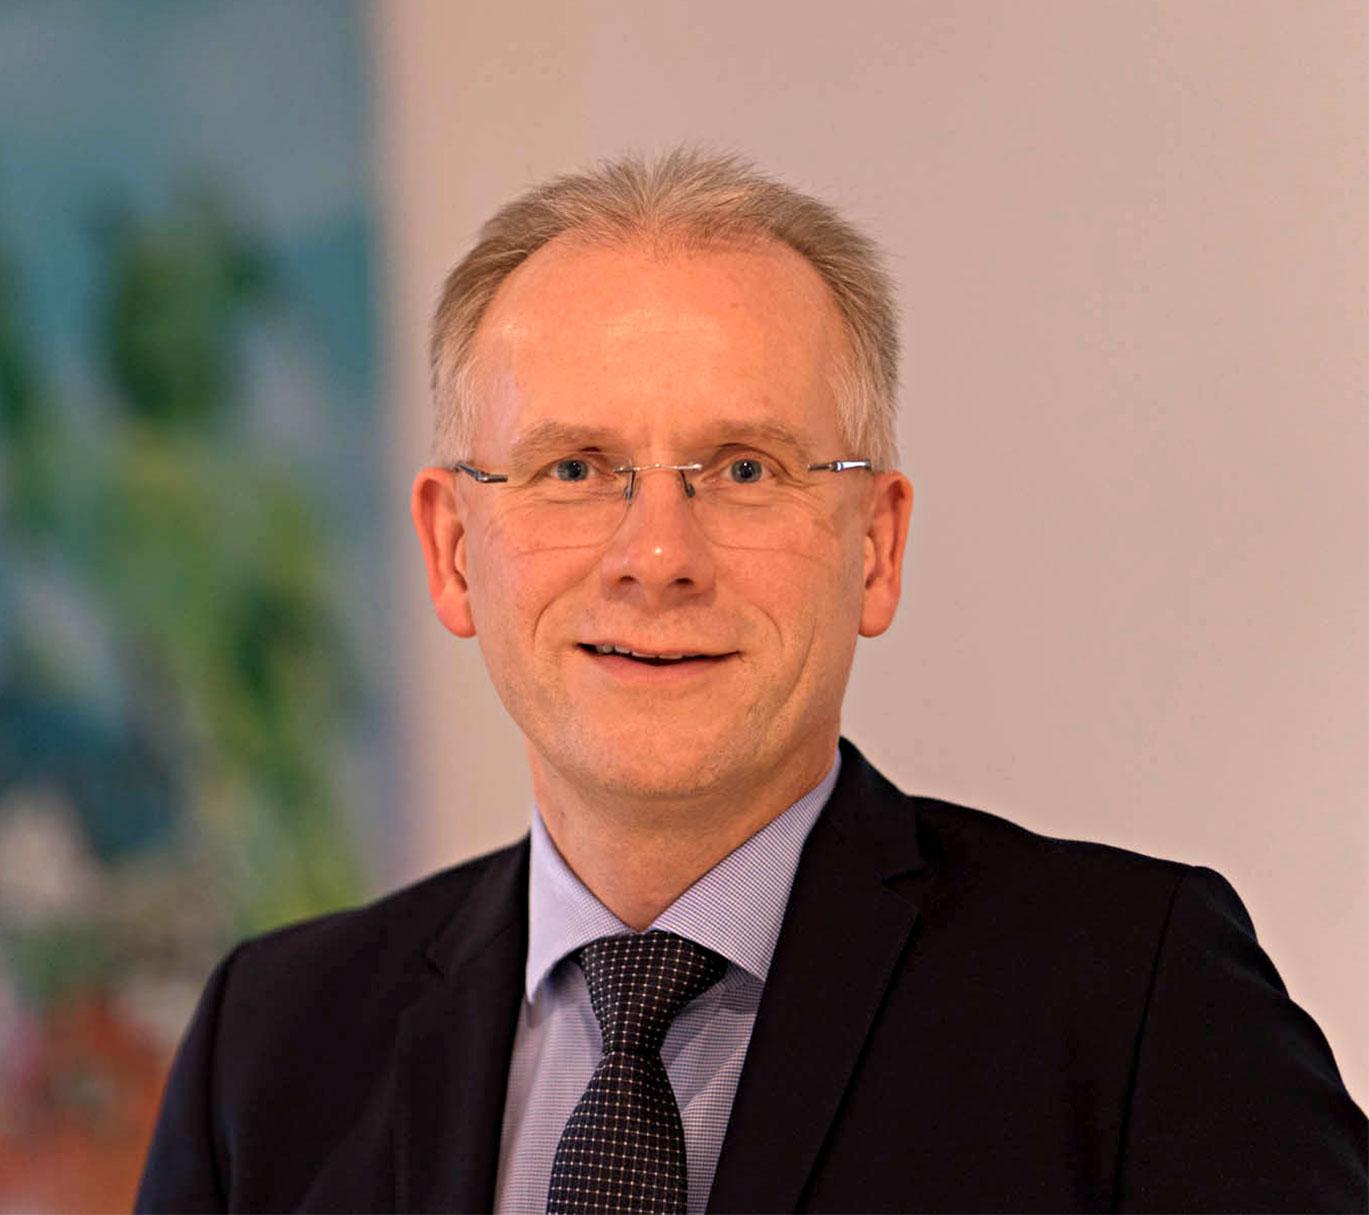 Bernd Brinkmann - Zertifizierter Finanz- und Ruhestandsplaner: Mit Herz und Verstand